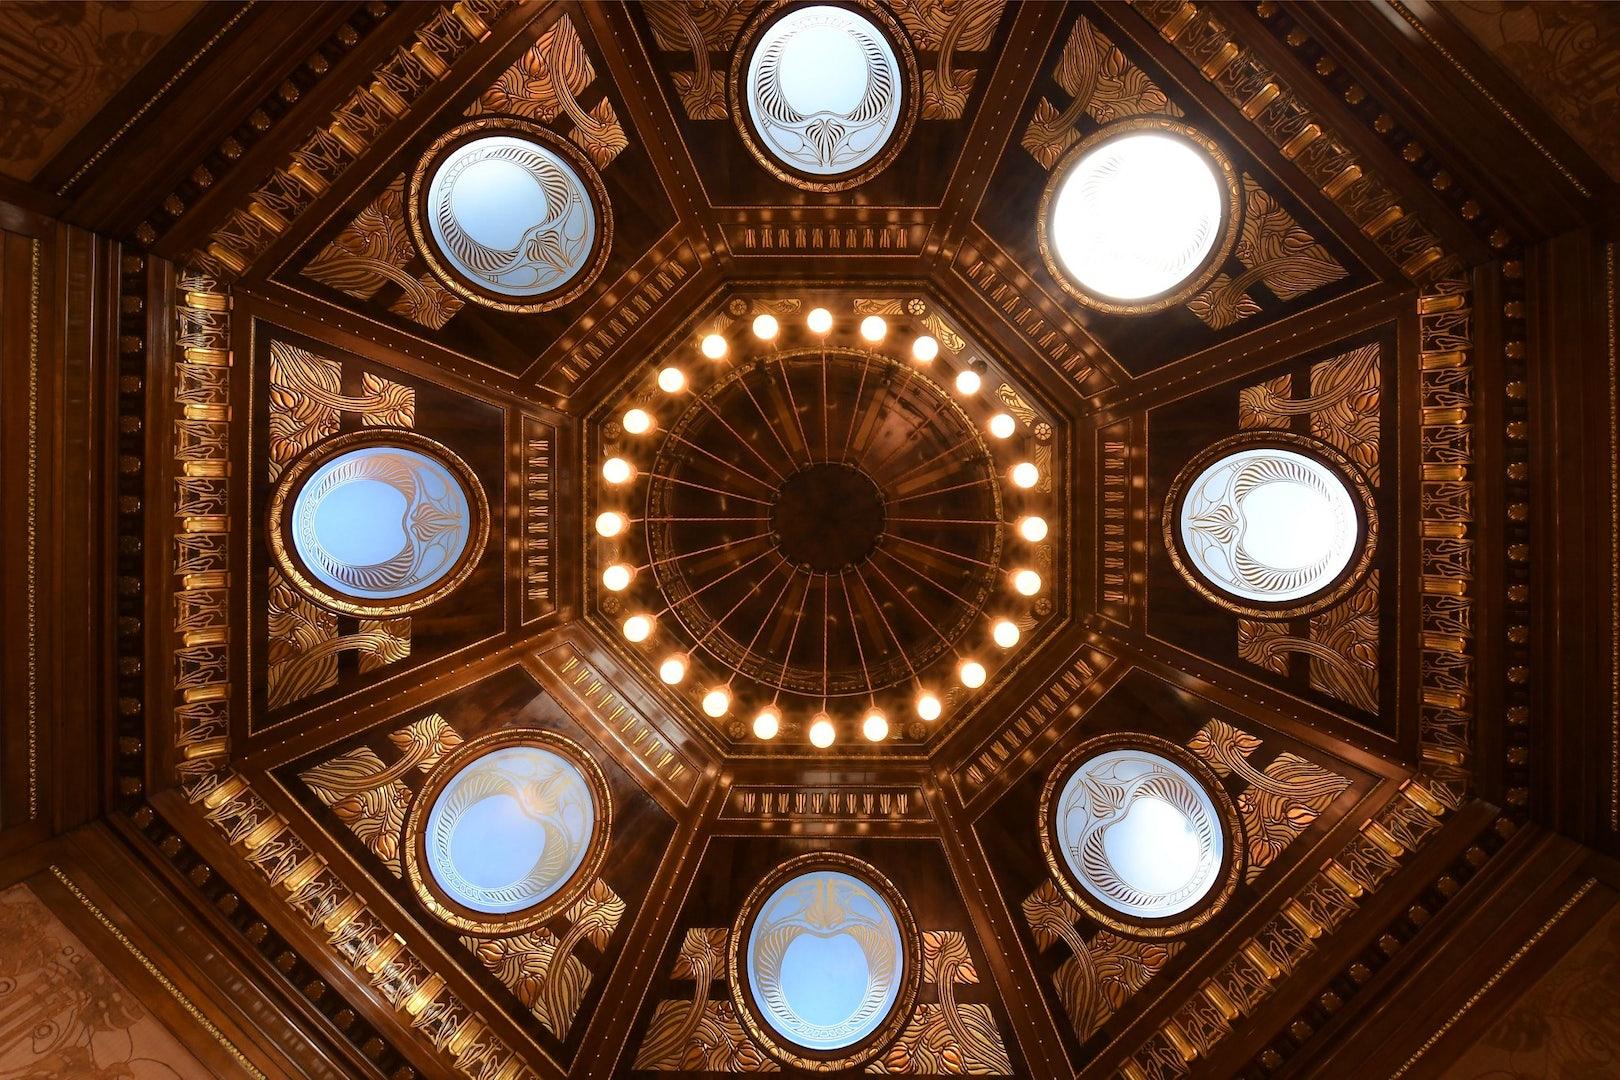 Jugendstil ceiling of the Otto Wagner Hofpavillion